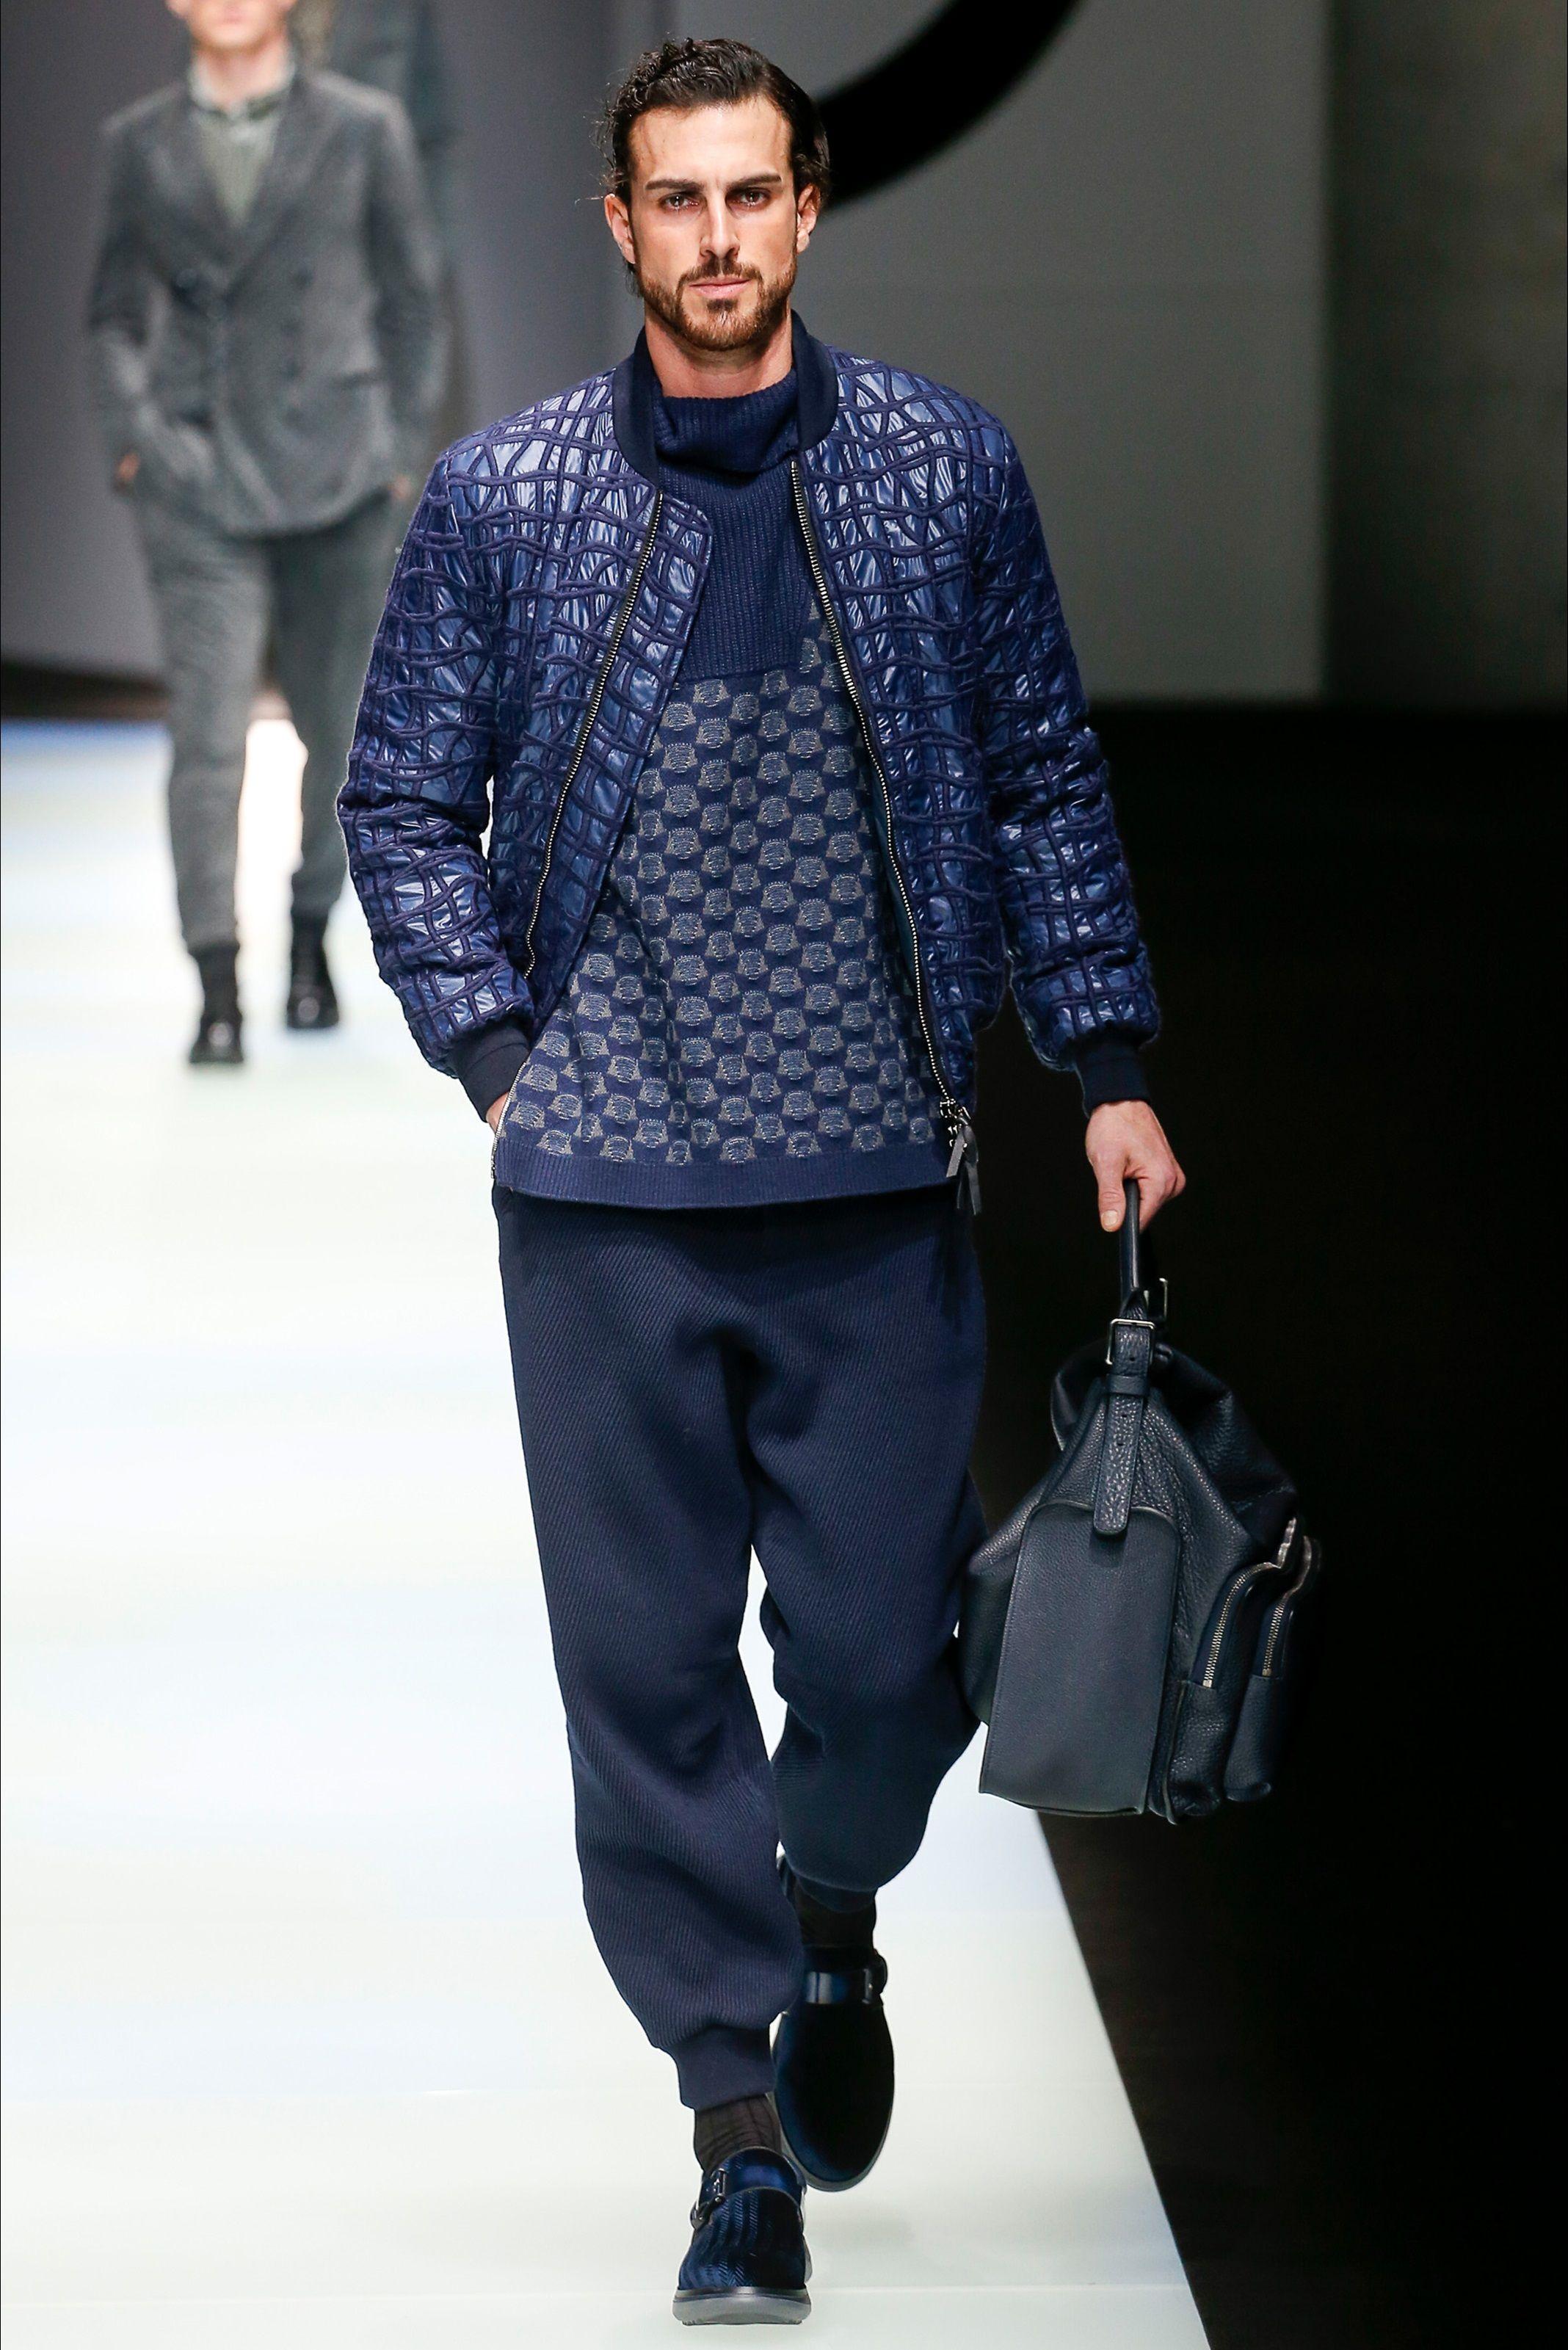 Sfilata Moda Uomo Giorgio Armani Milano - Autunno Inverno 2018-19 - Vogue 3a41dfc81e1